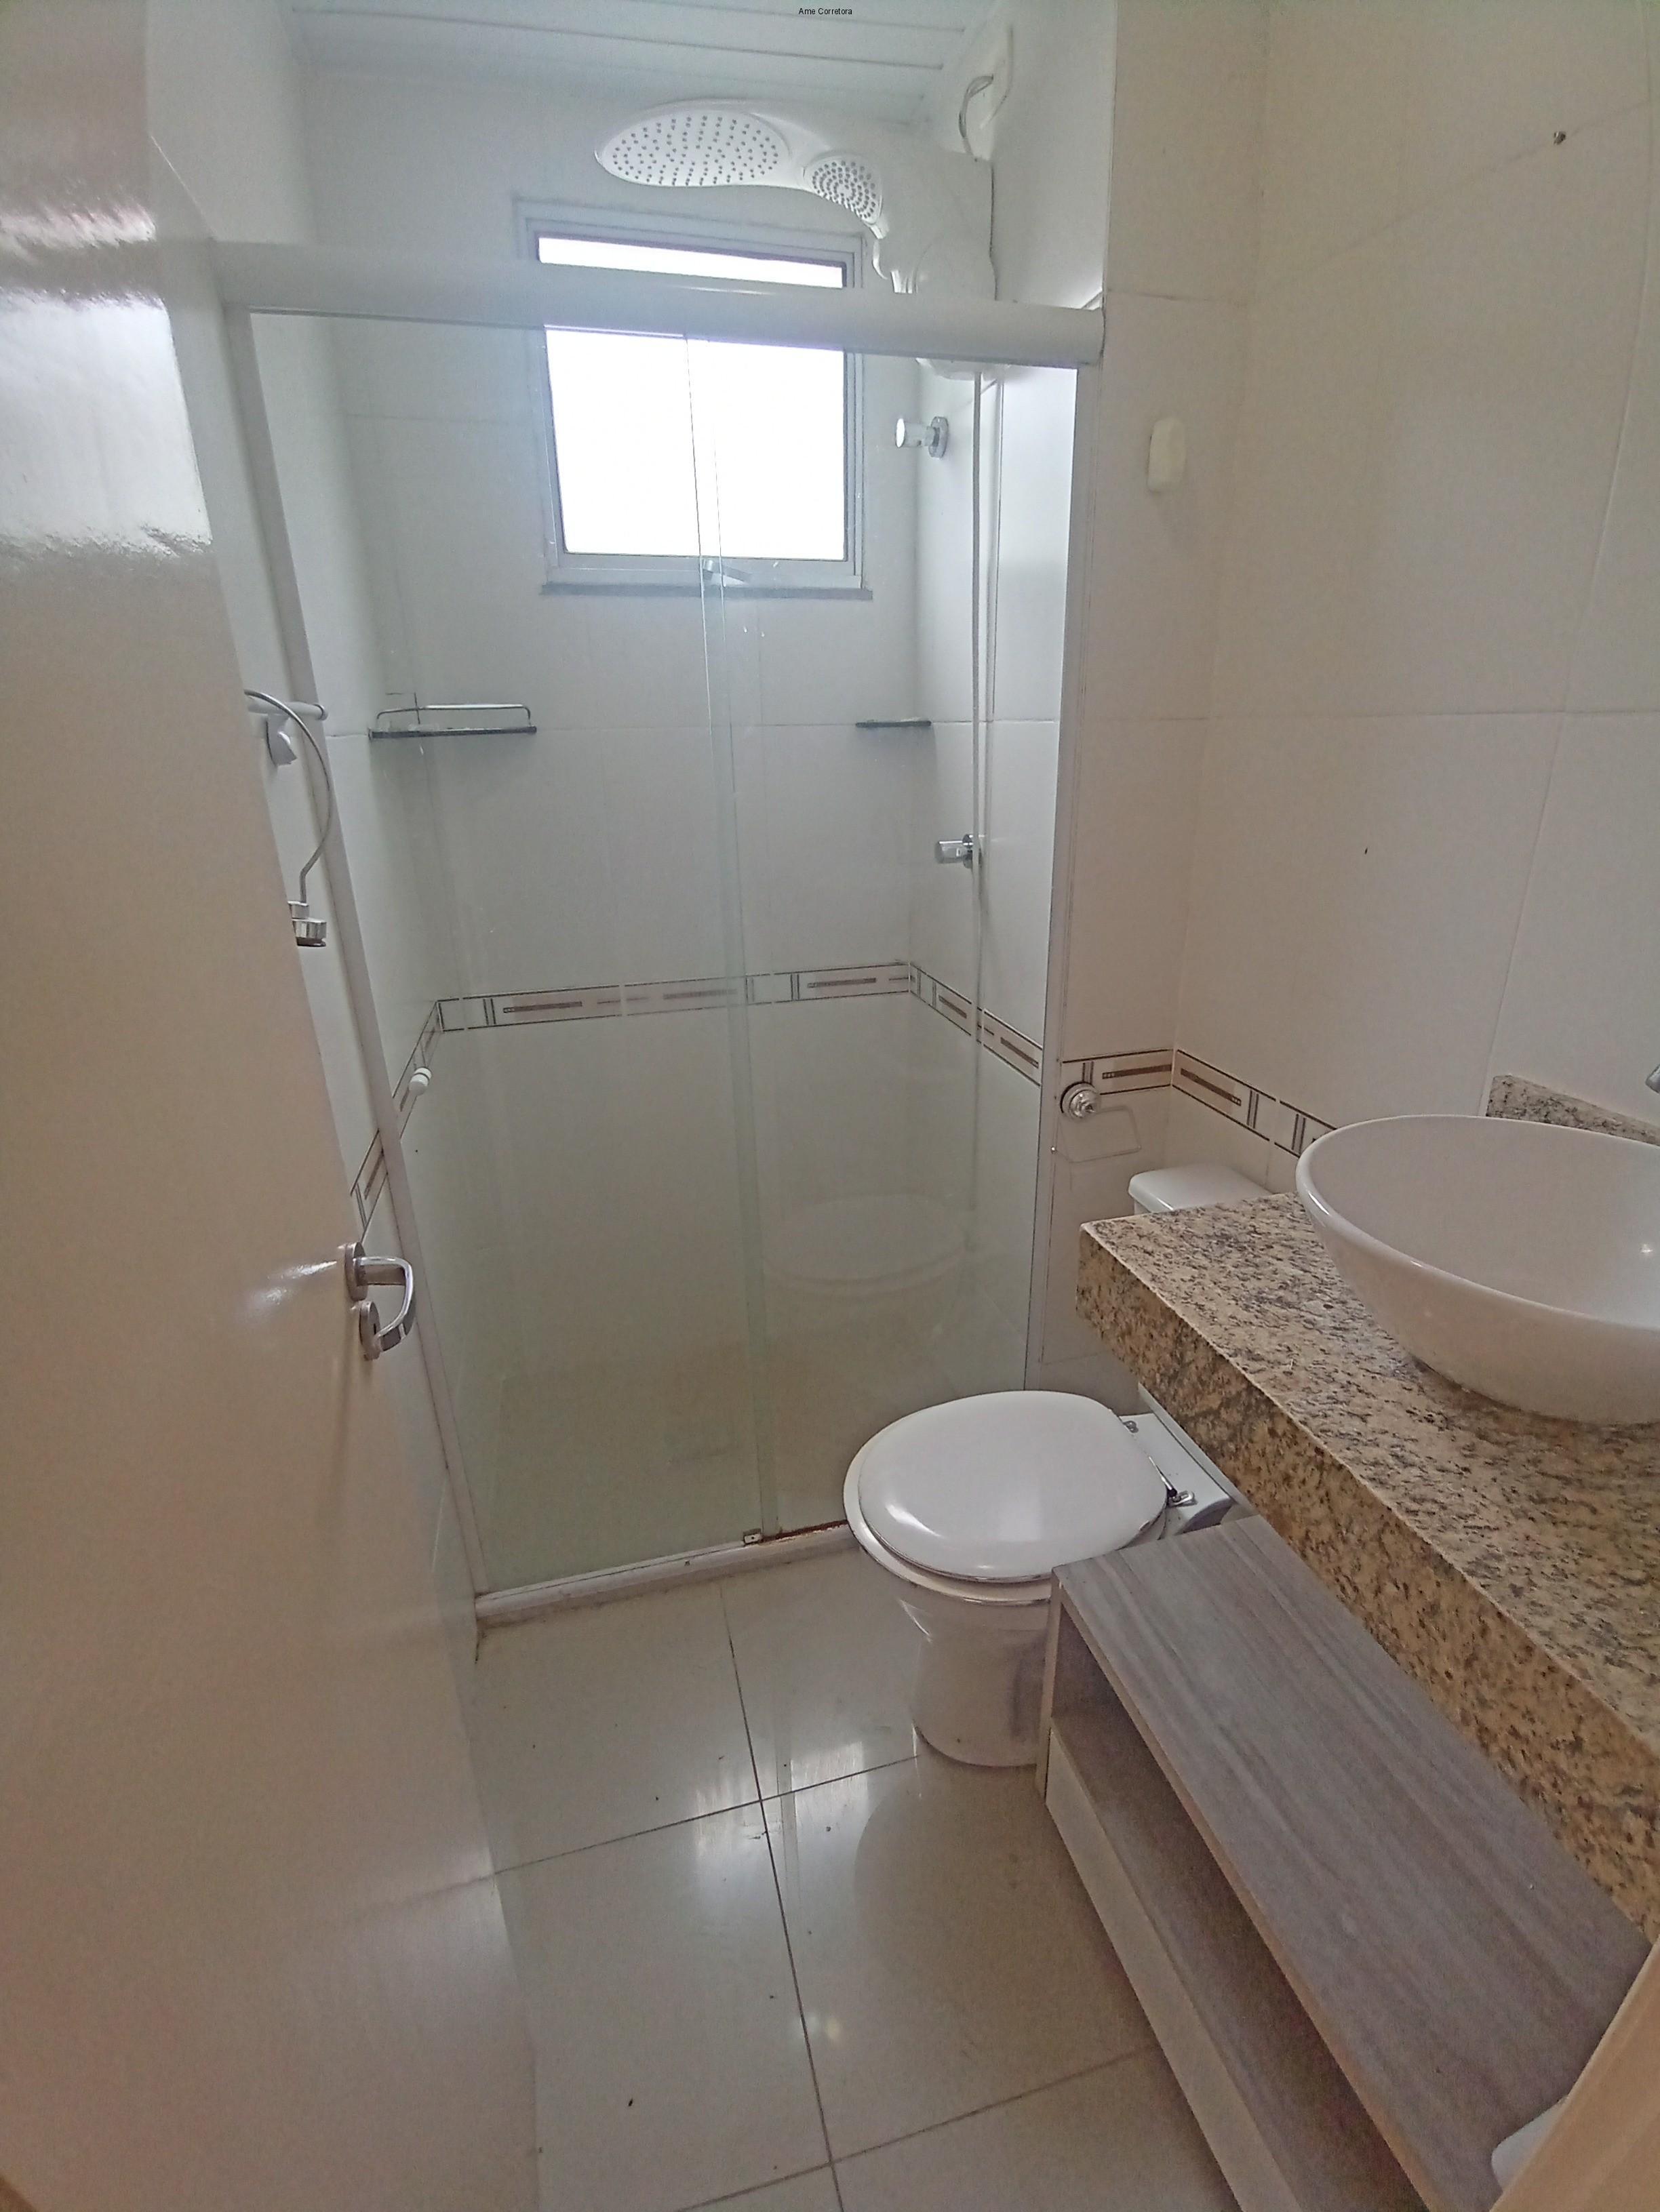 FOTO 12 - Apartamento 2 quartos para alugar Campo Grande, Rio de Janeiro - R$ 700 - AP00456 - 13